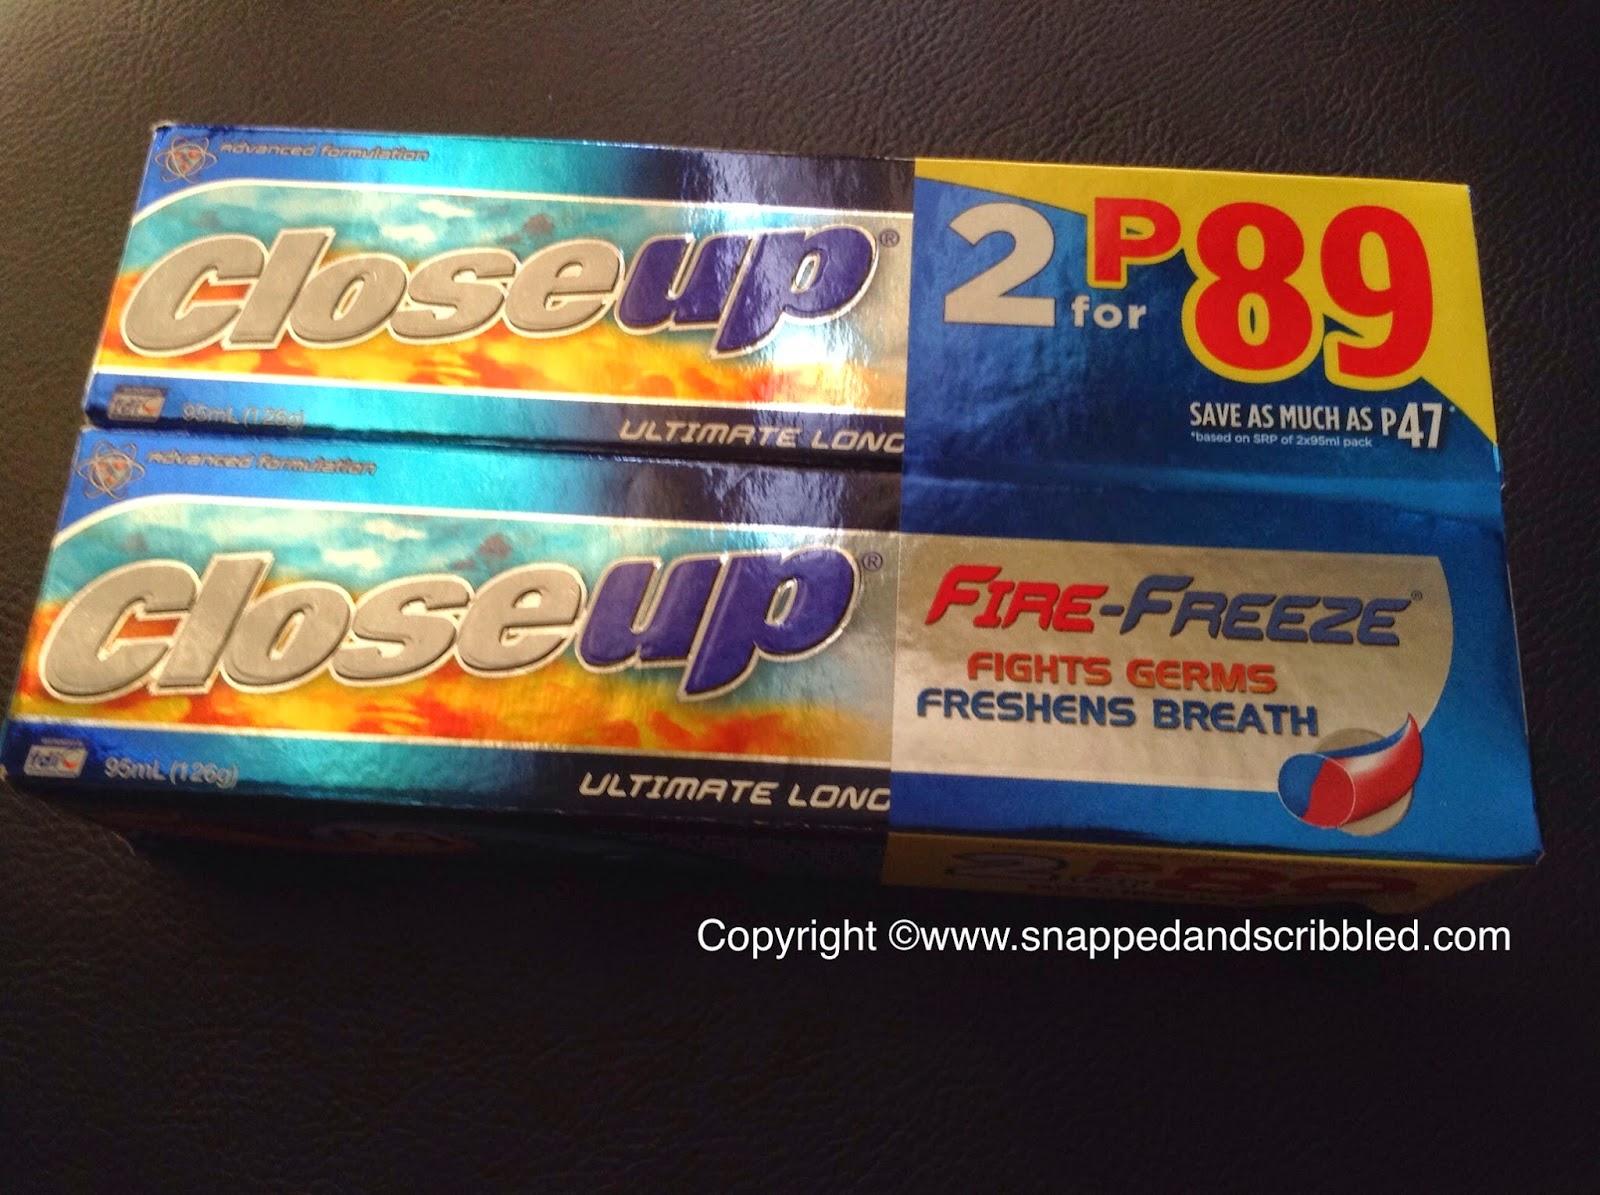 Smart Shopper Alert: Oral Hygiene Essentials